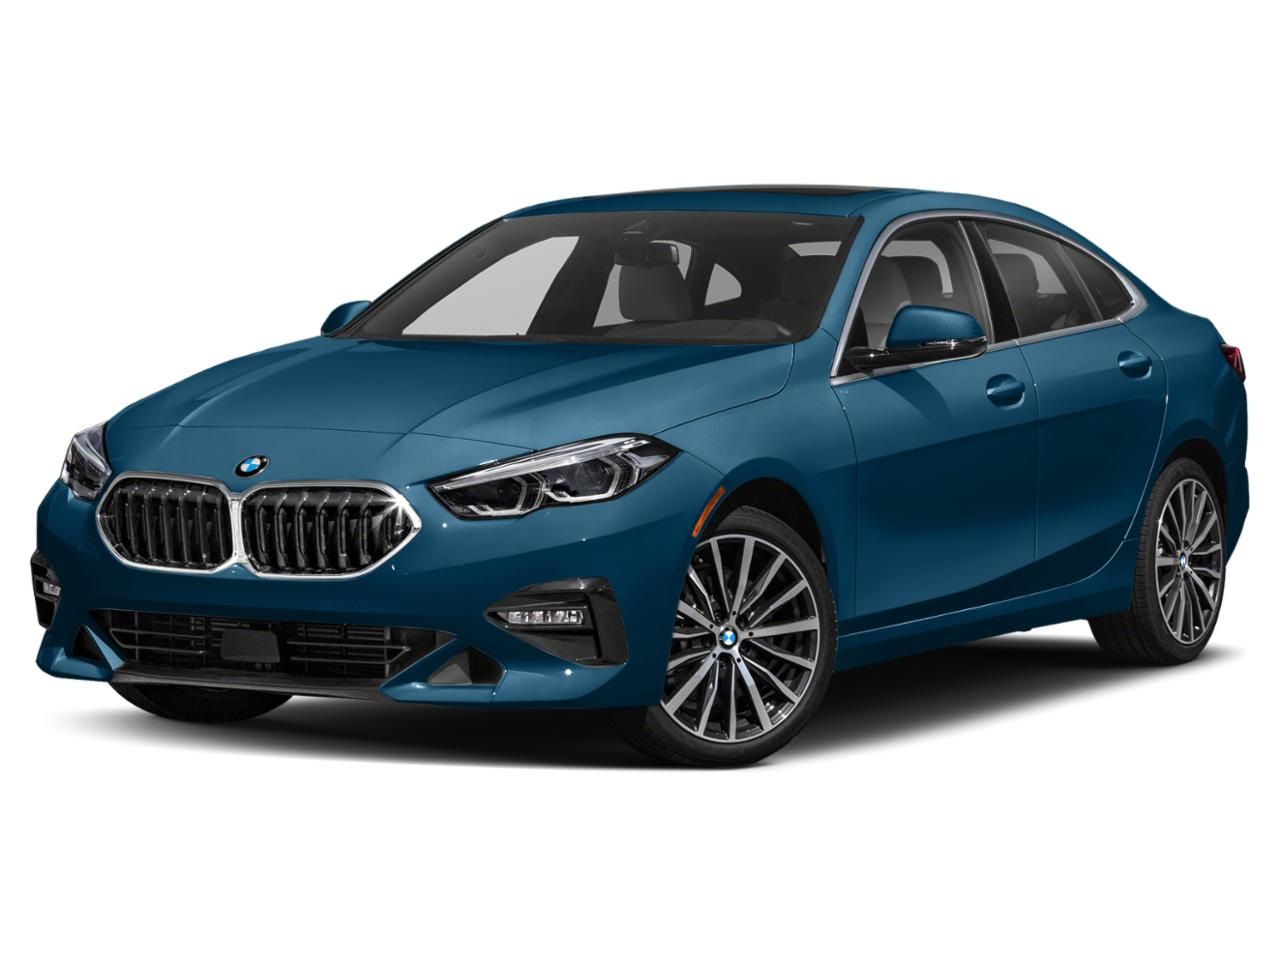 2020 BMW 228i xDrive Vehicle Photo in Grapevine, TX 76051